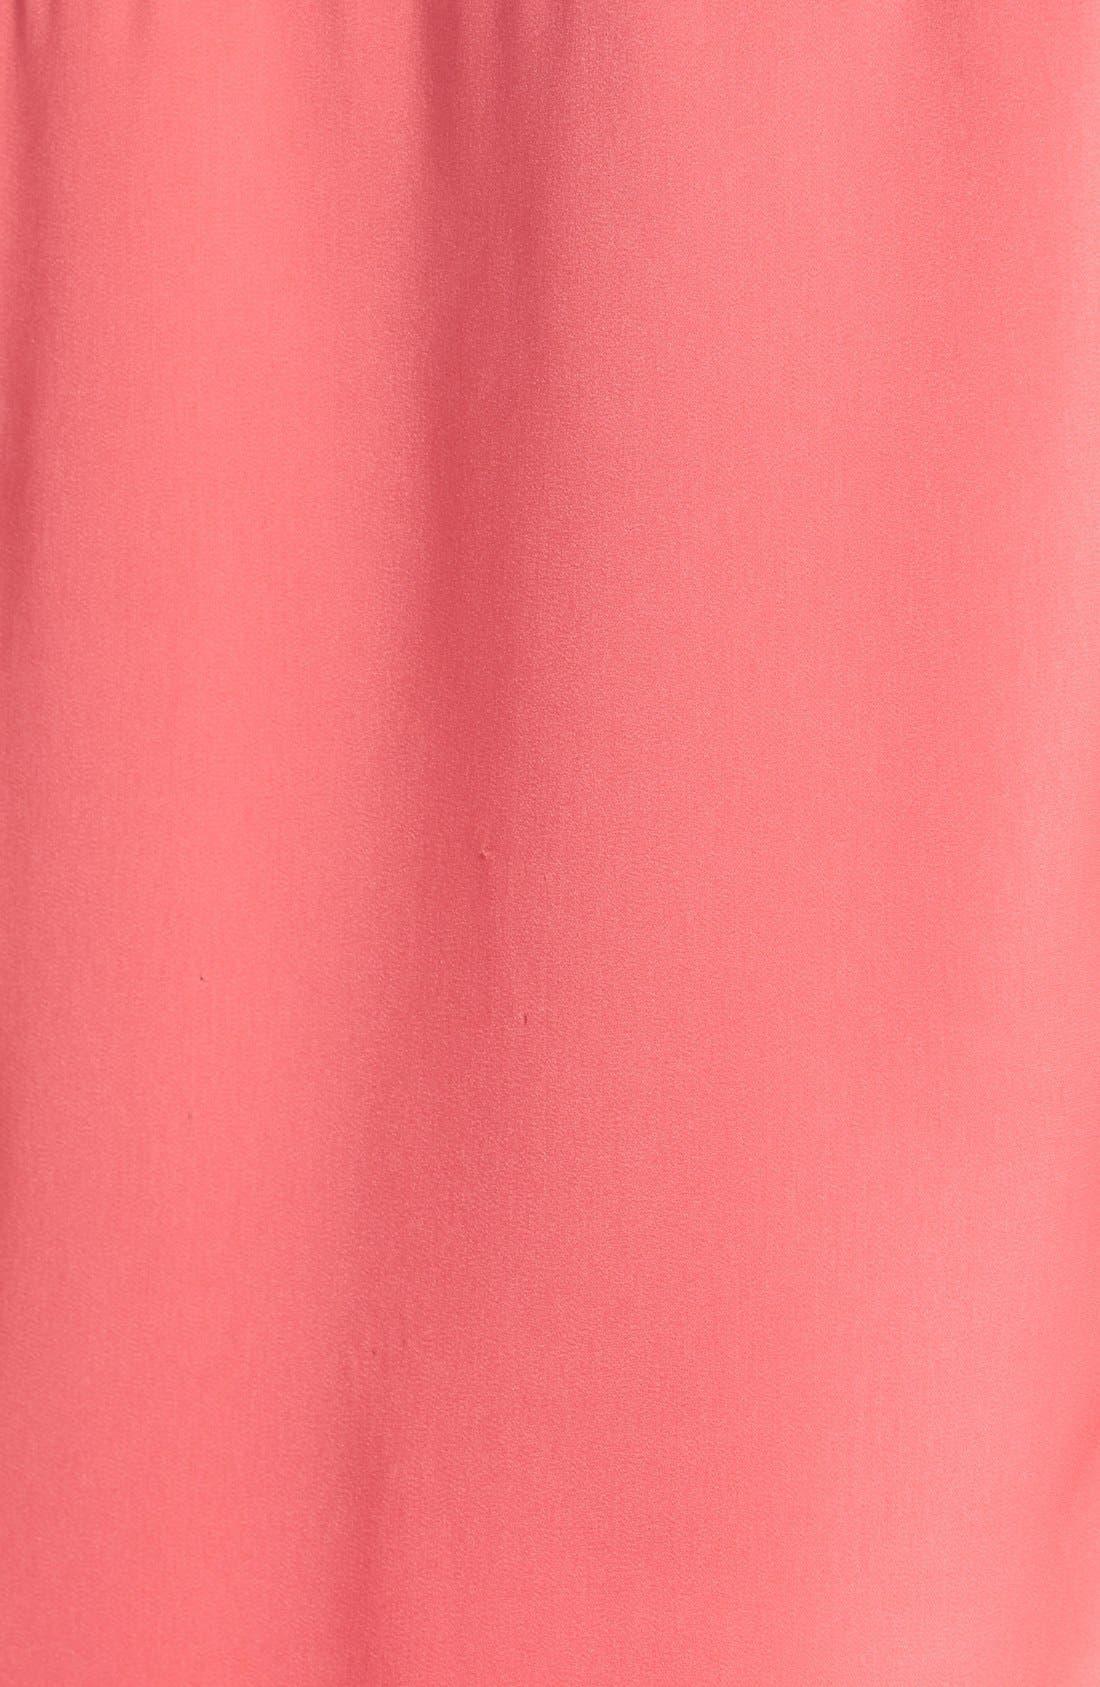 Alternate Image 3  - Hinge® Woven V-Neck Top